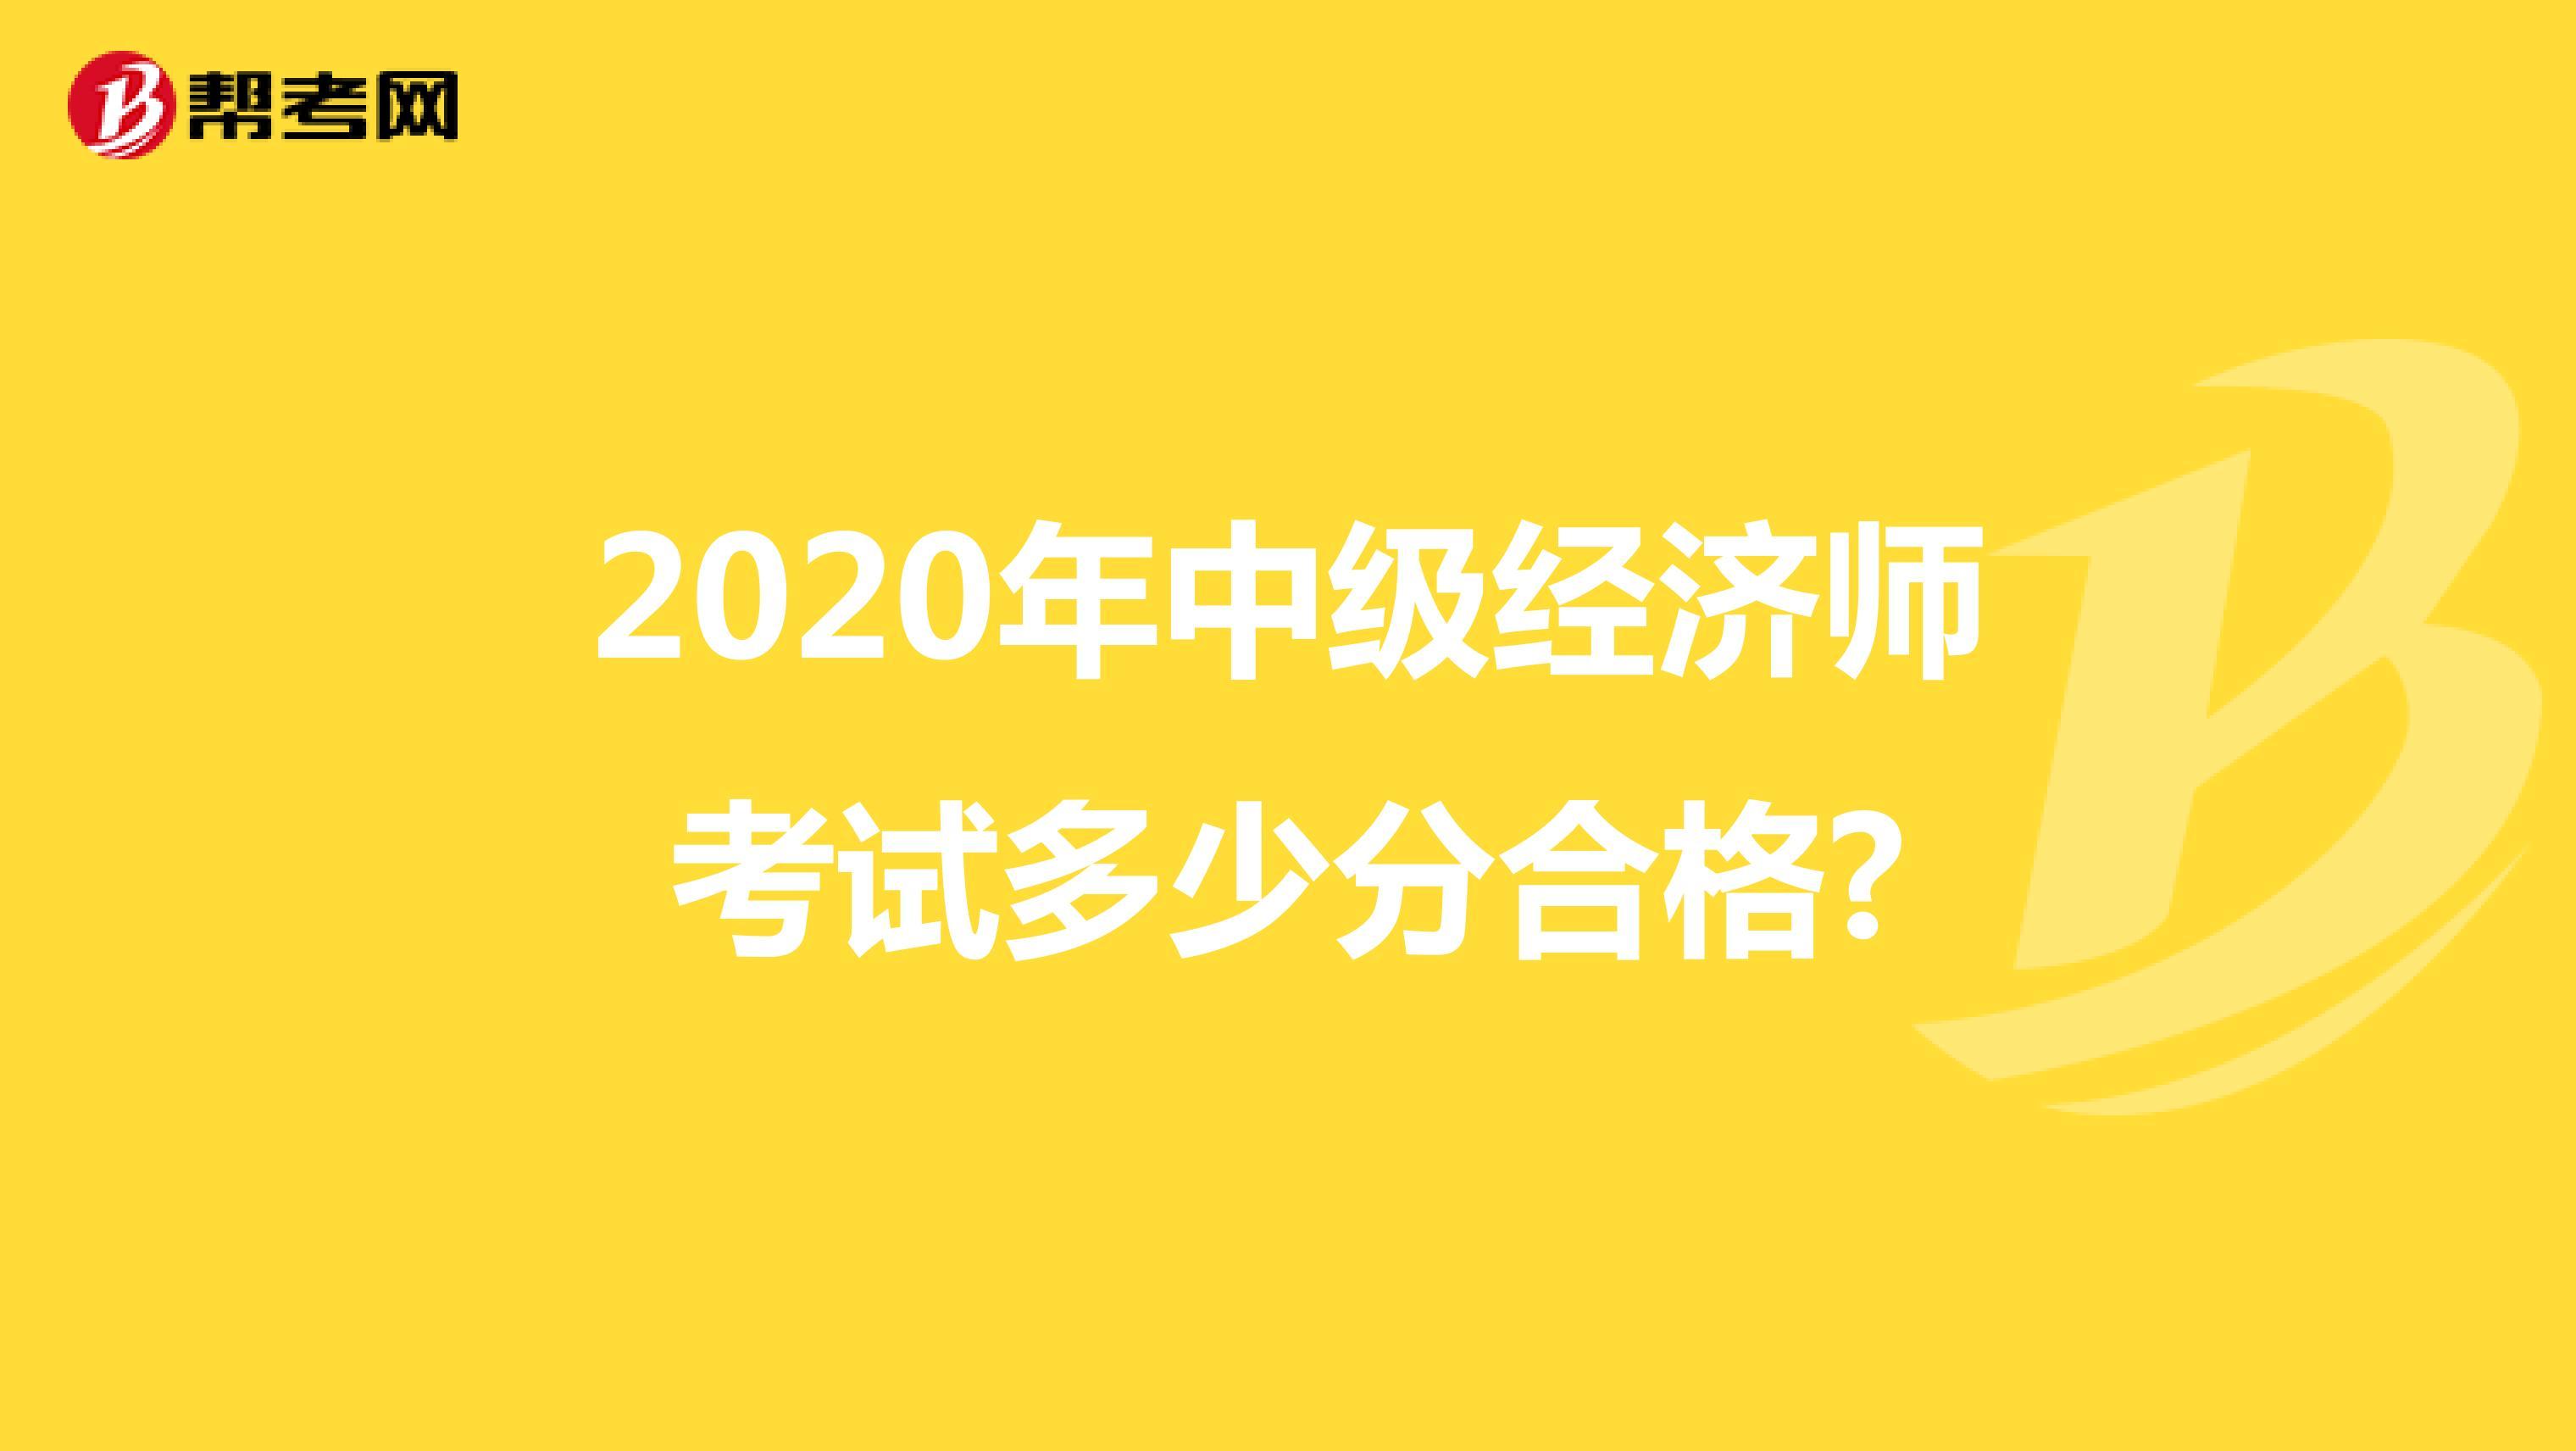 2020年中級經濟師考試多少分合格?